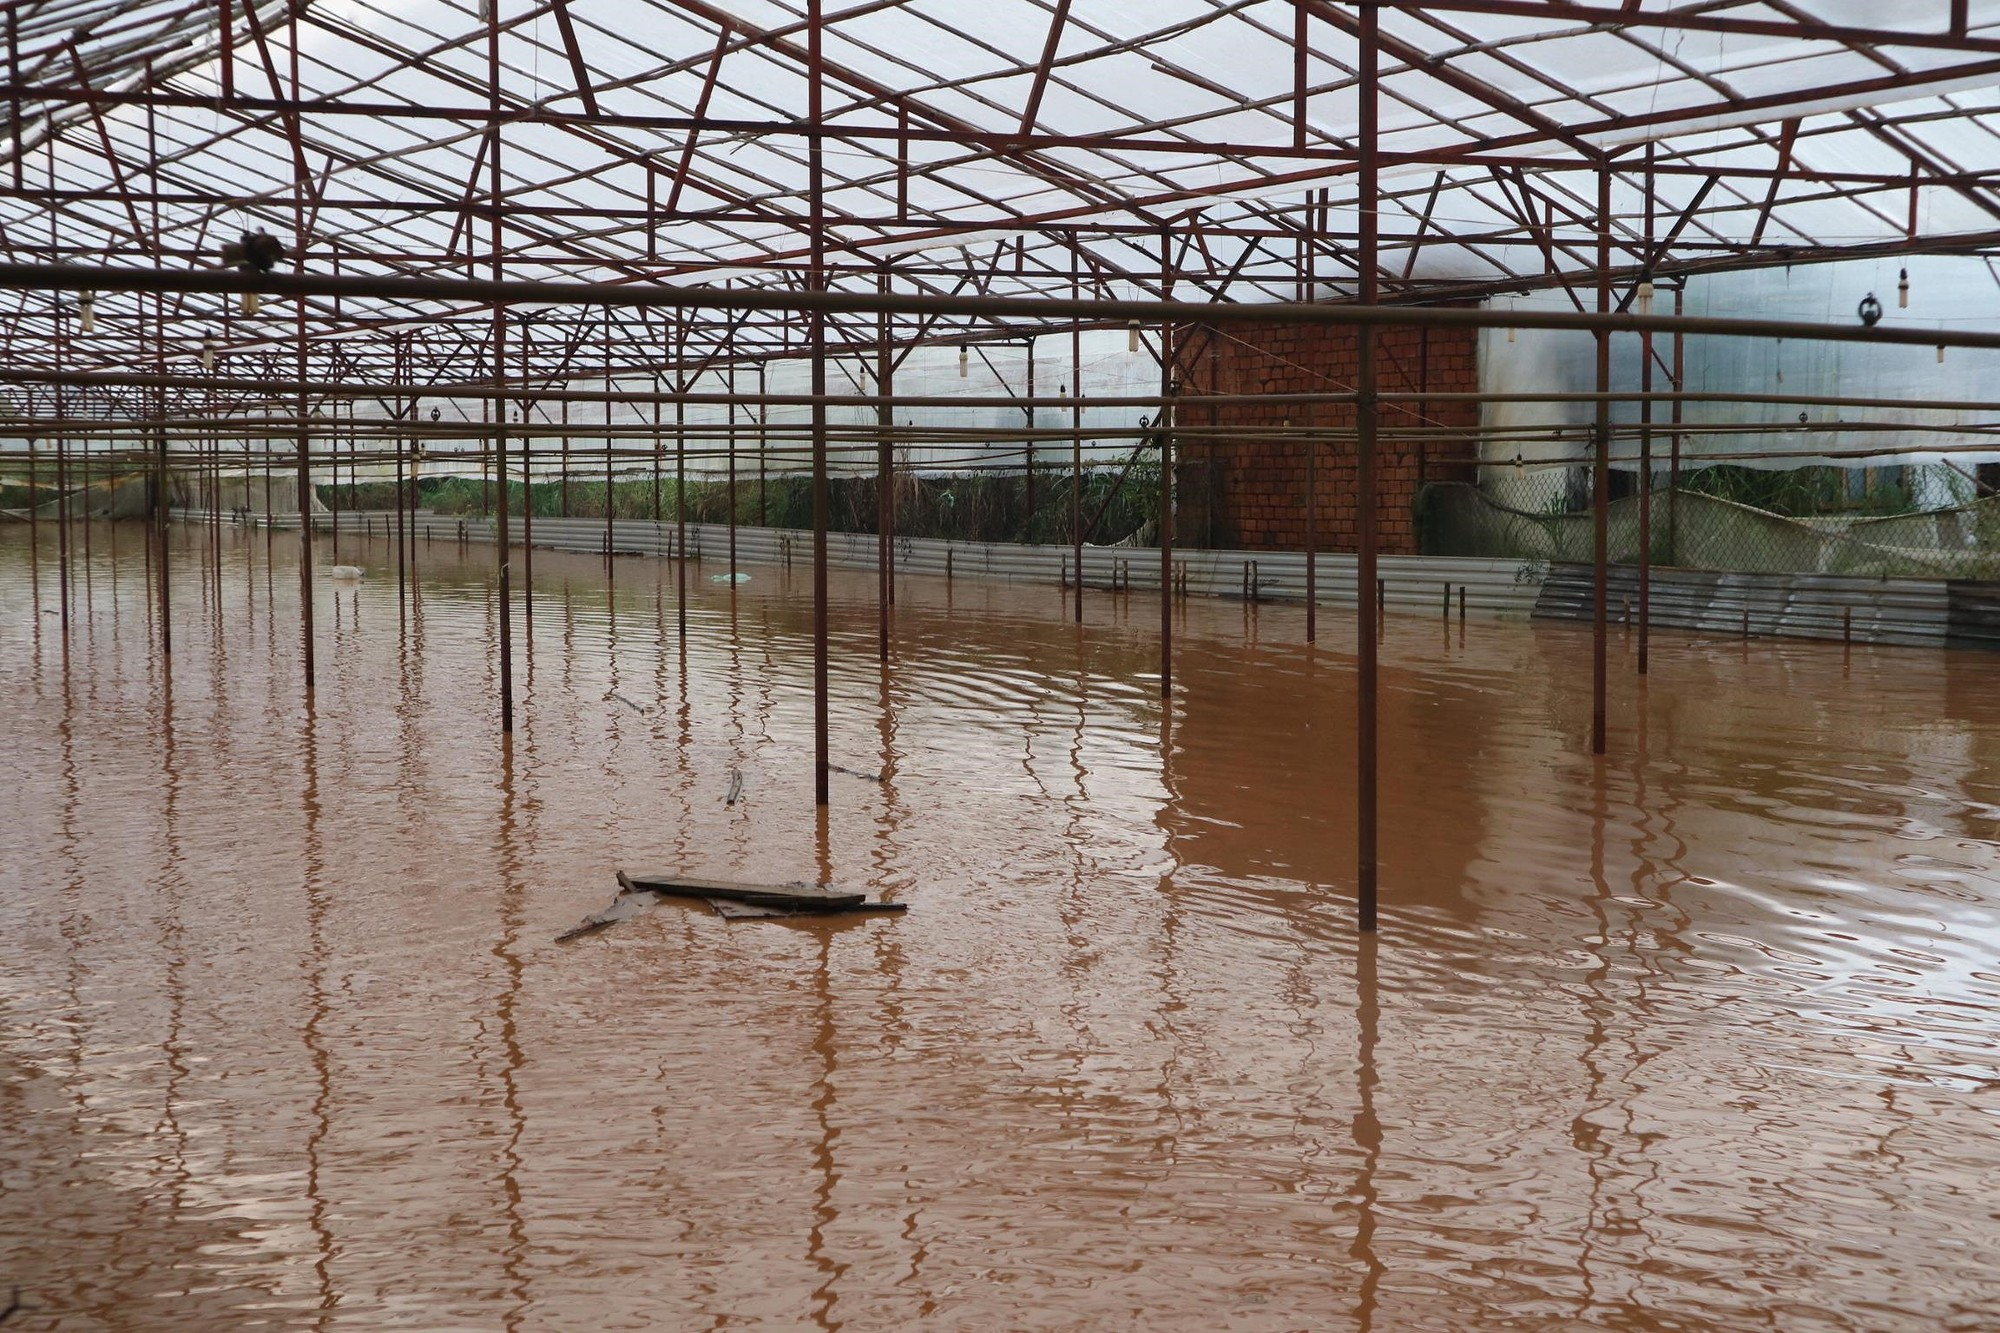 Đà Lạt mưa lớn kéo dài, nhiều nơi ngập nặng, người dân cuống cuồng lội nước - Ảnh 5.